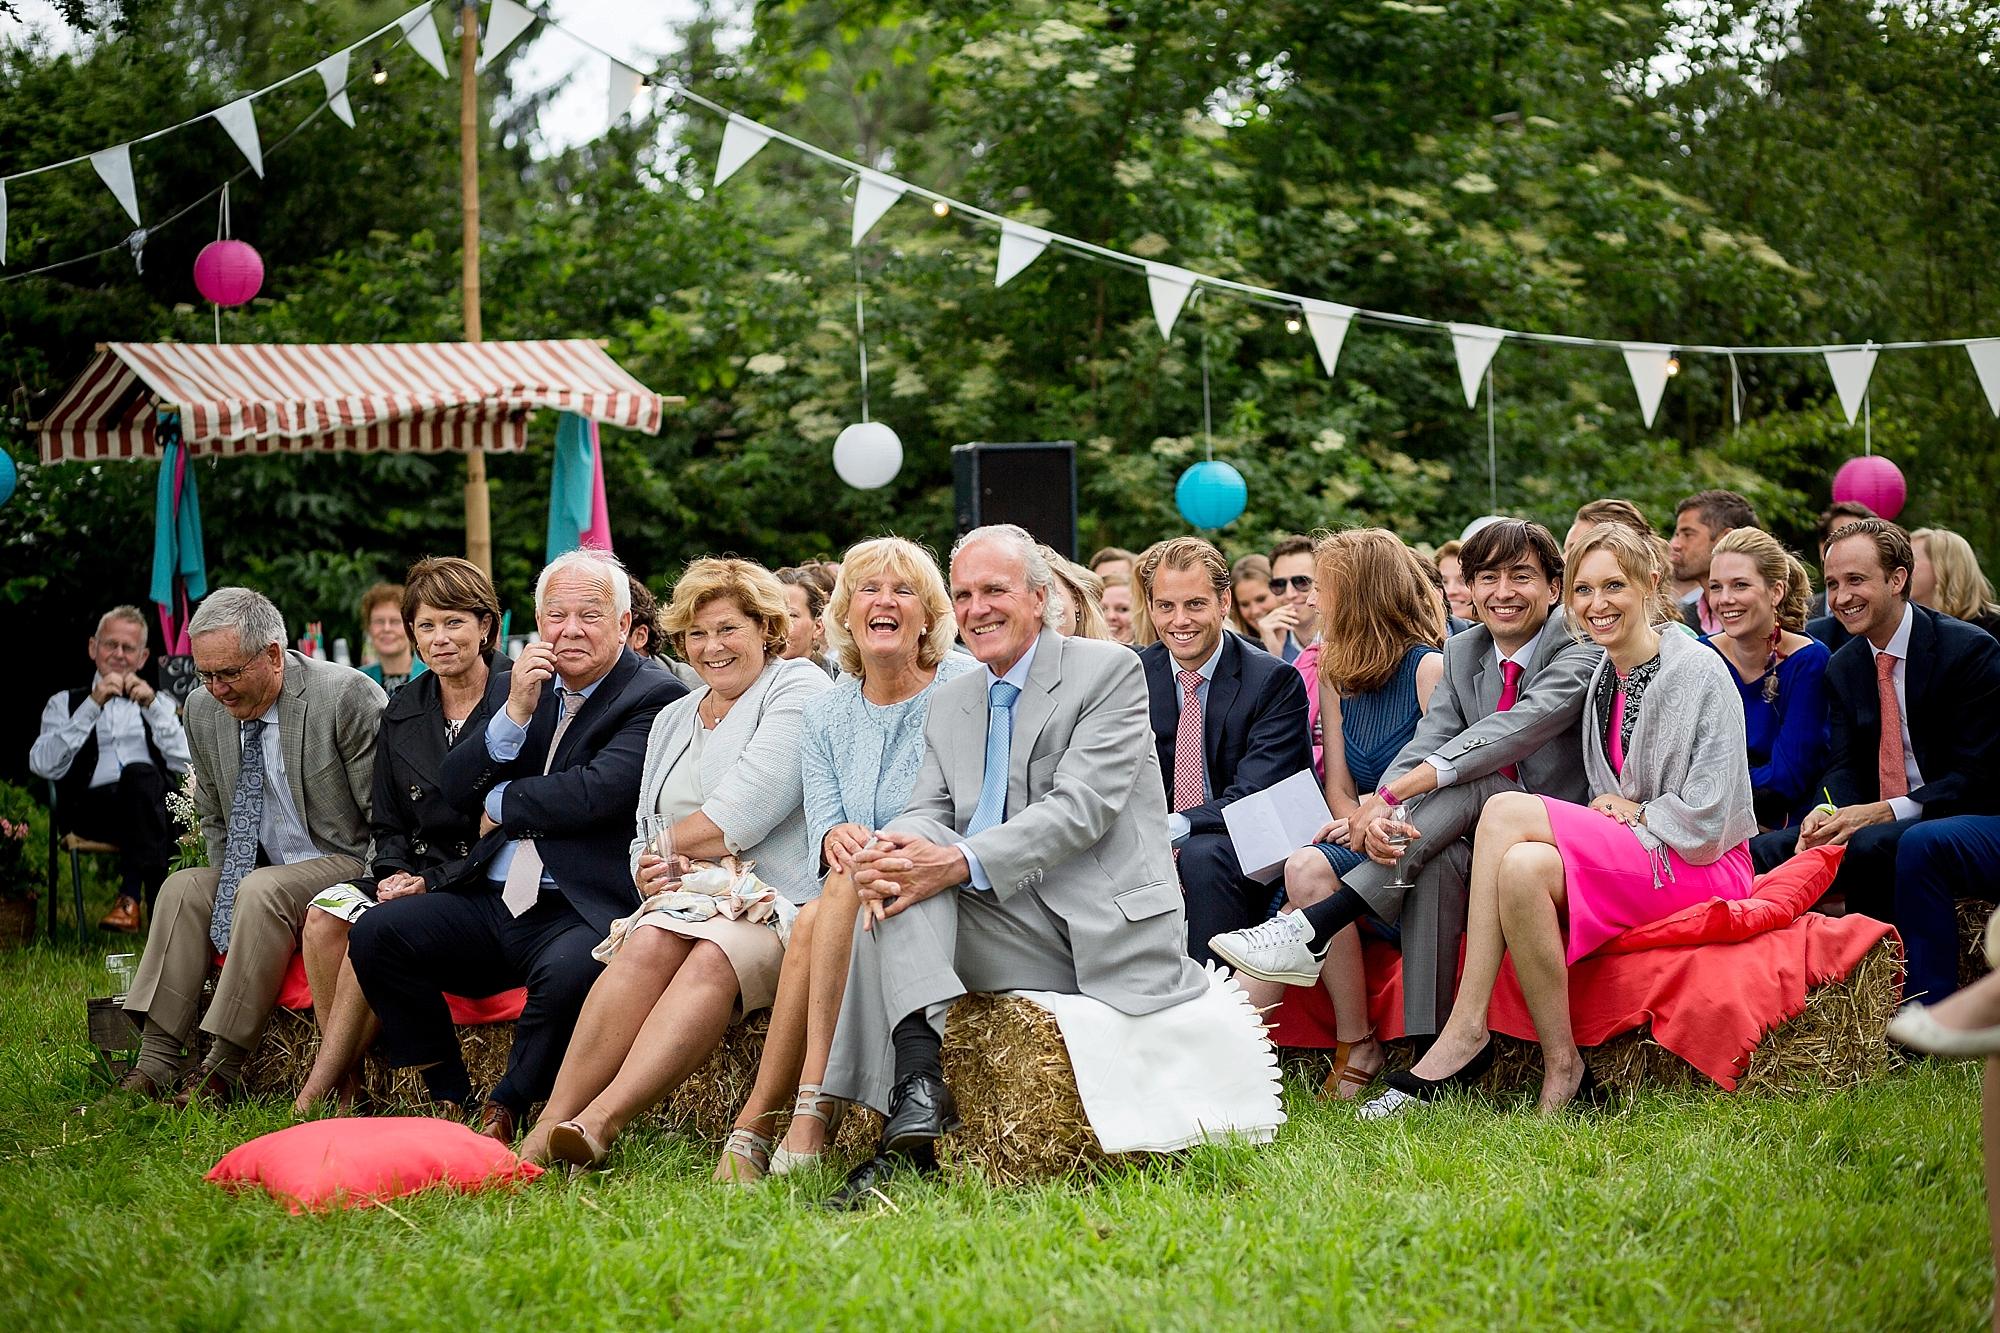 bruidsfotograaf-brabant-trouwen-in-het-bos-festivalbruiloft-vught-haaren_0089.jpg